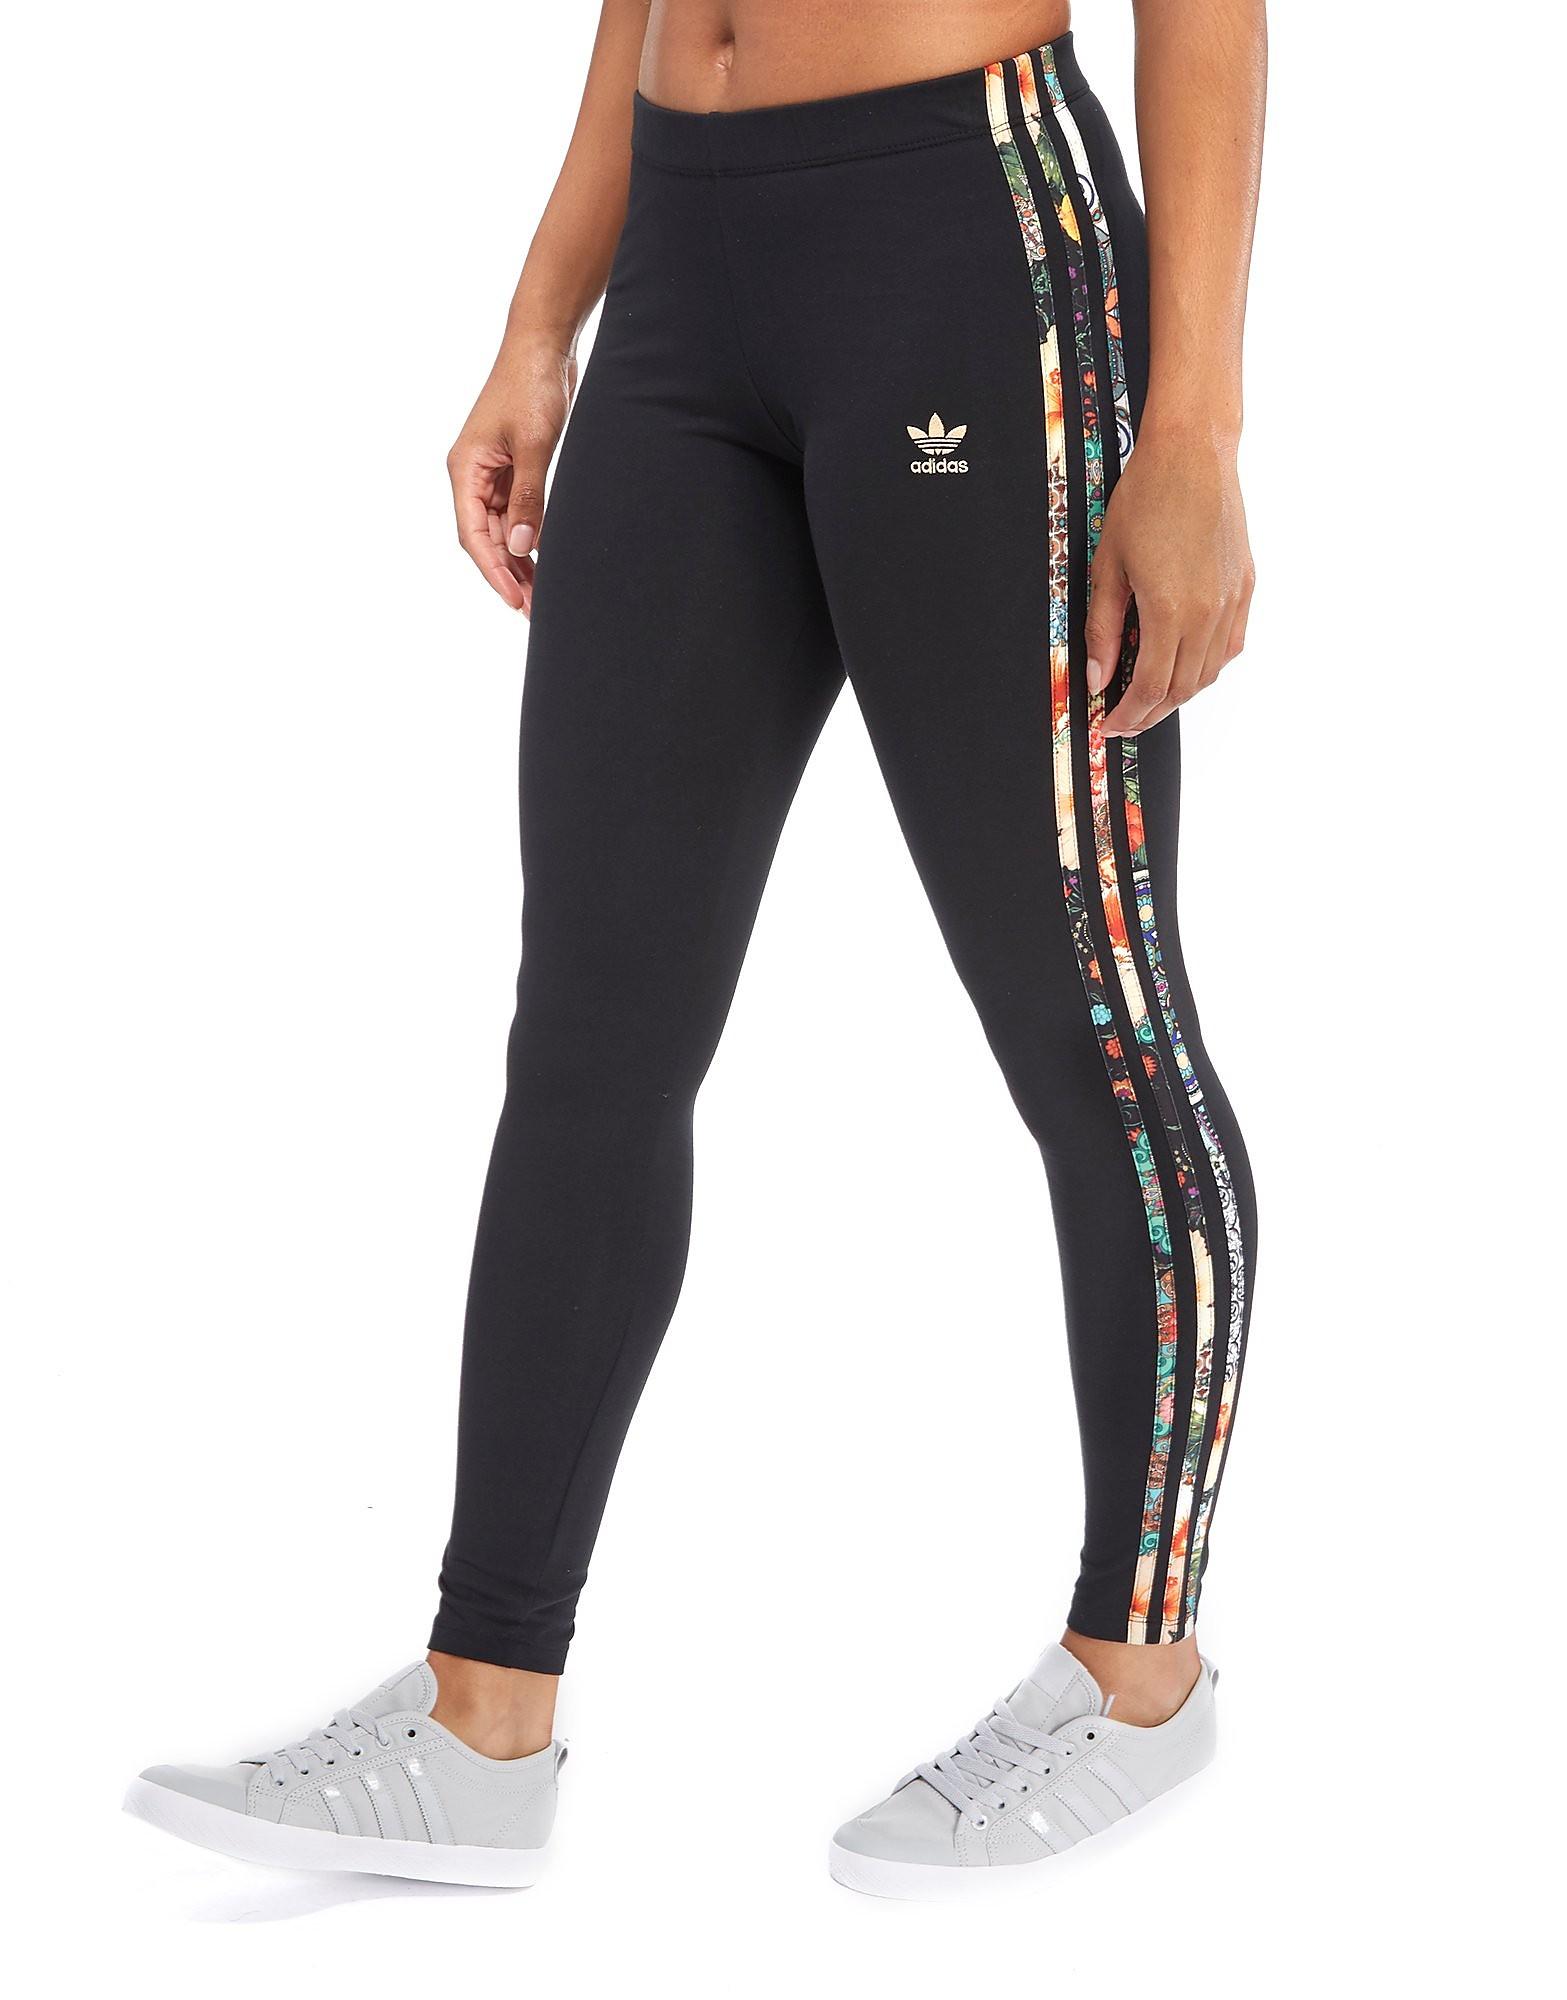 adidas Originals 3-Stripes Leggings Farm Pack